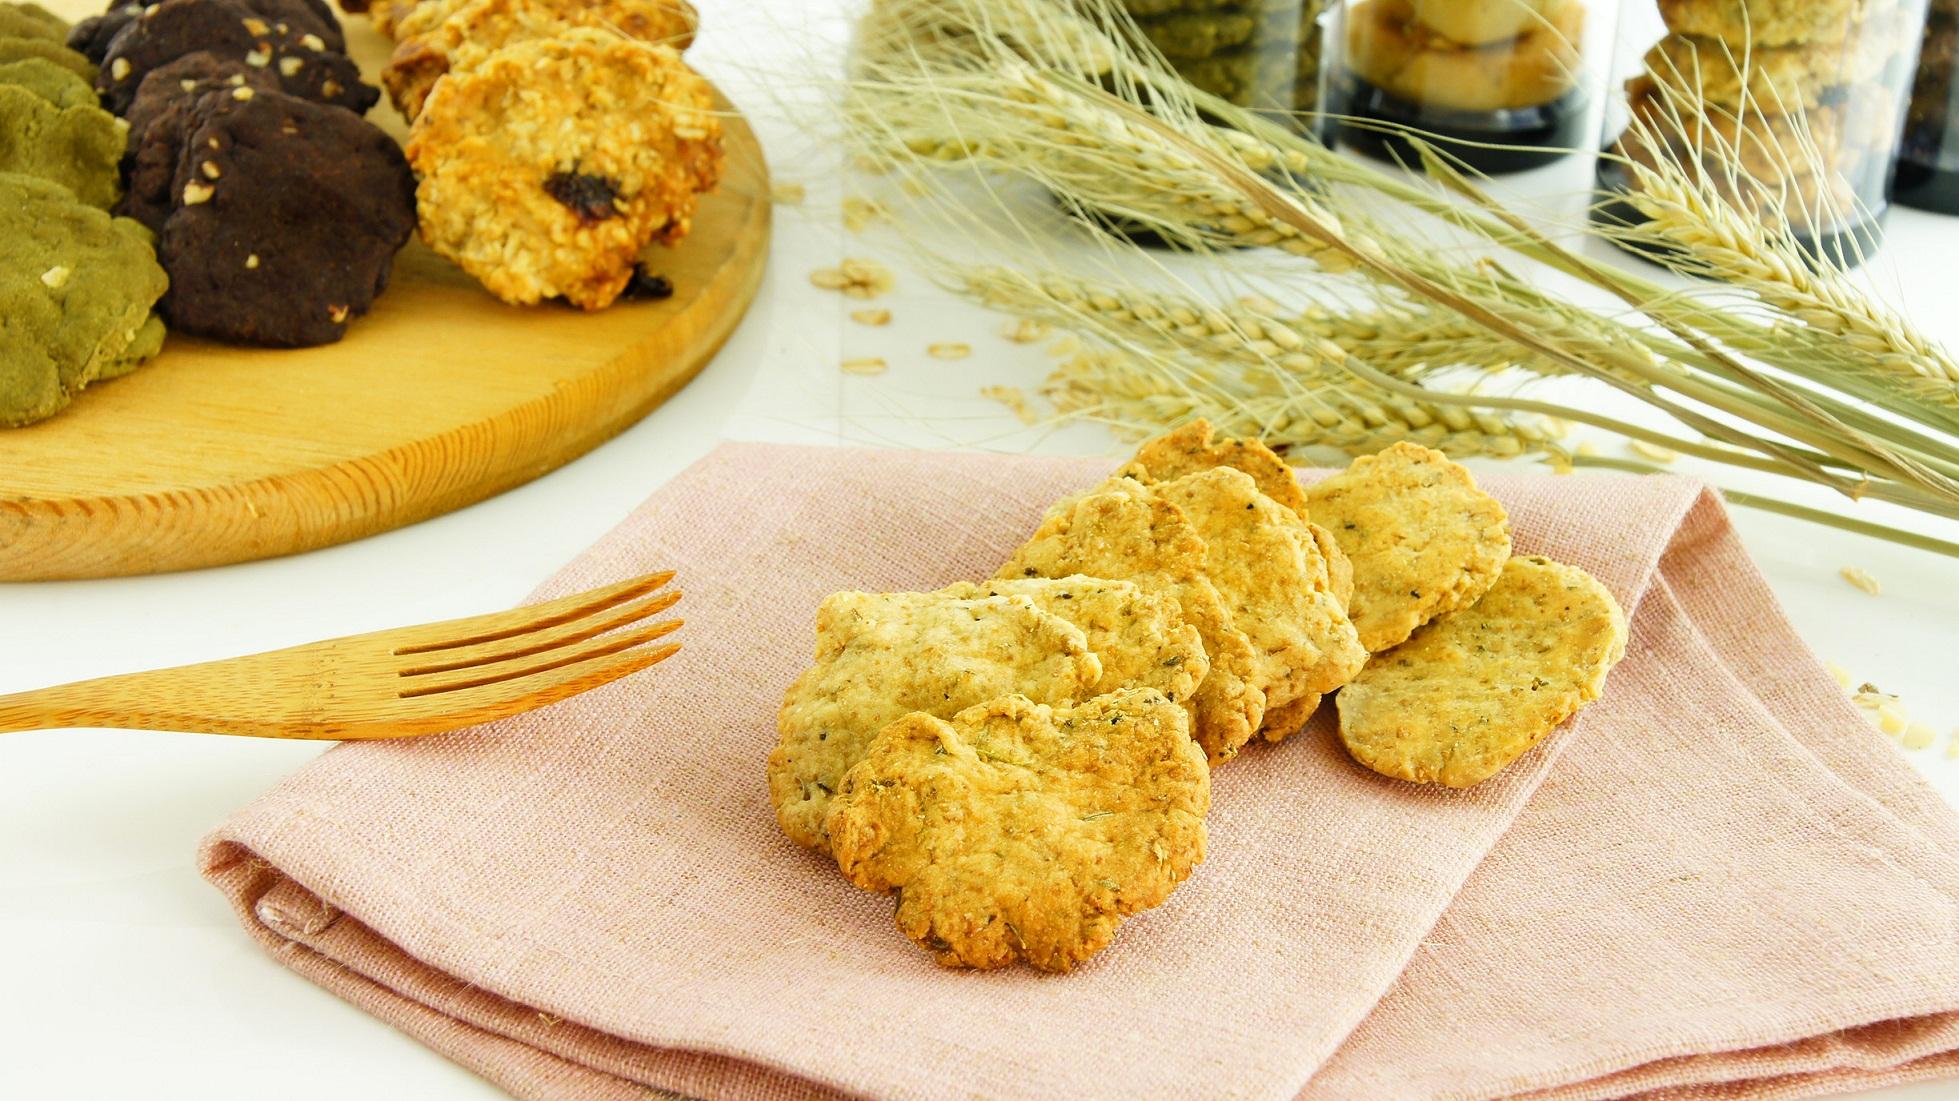 純手工義大利鹽餅 (130g~140g)【菁培坊】 純手工,無添加人工香料,色素的安心餅乾